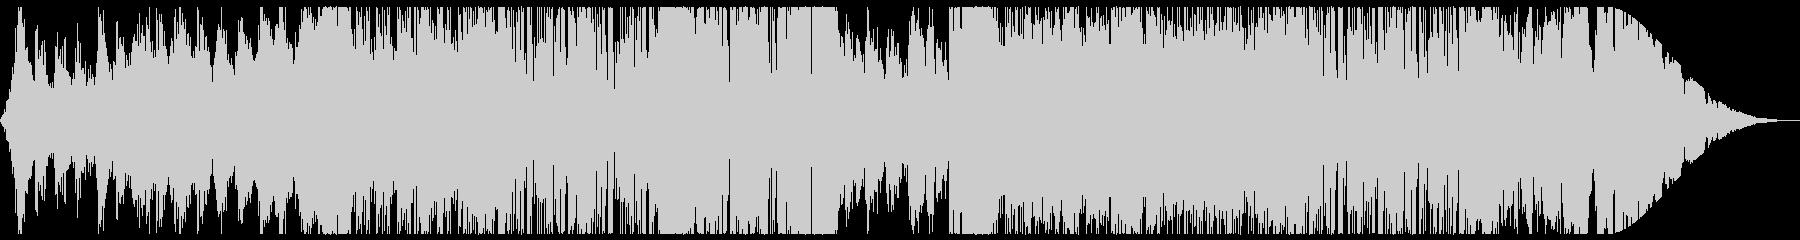 レトロなテクノ・Synthwave:フルの未再生の波形